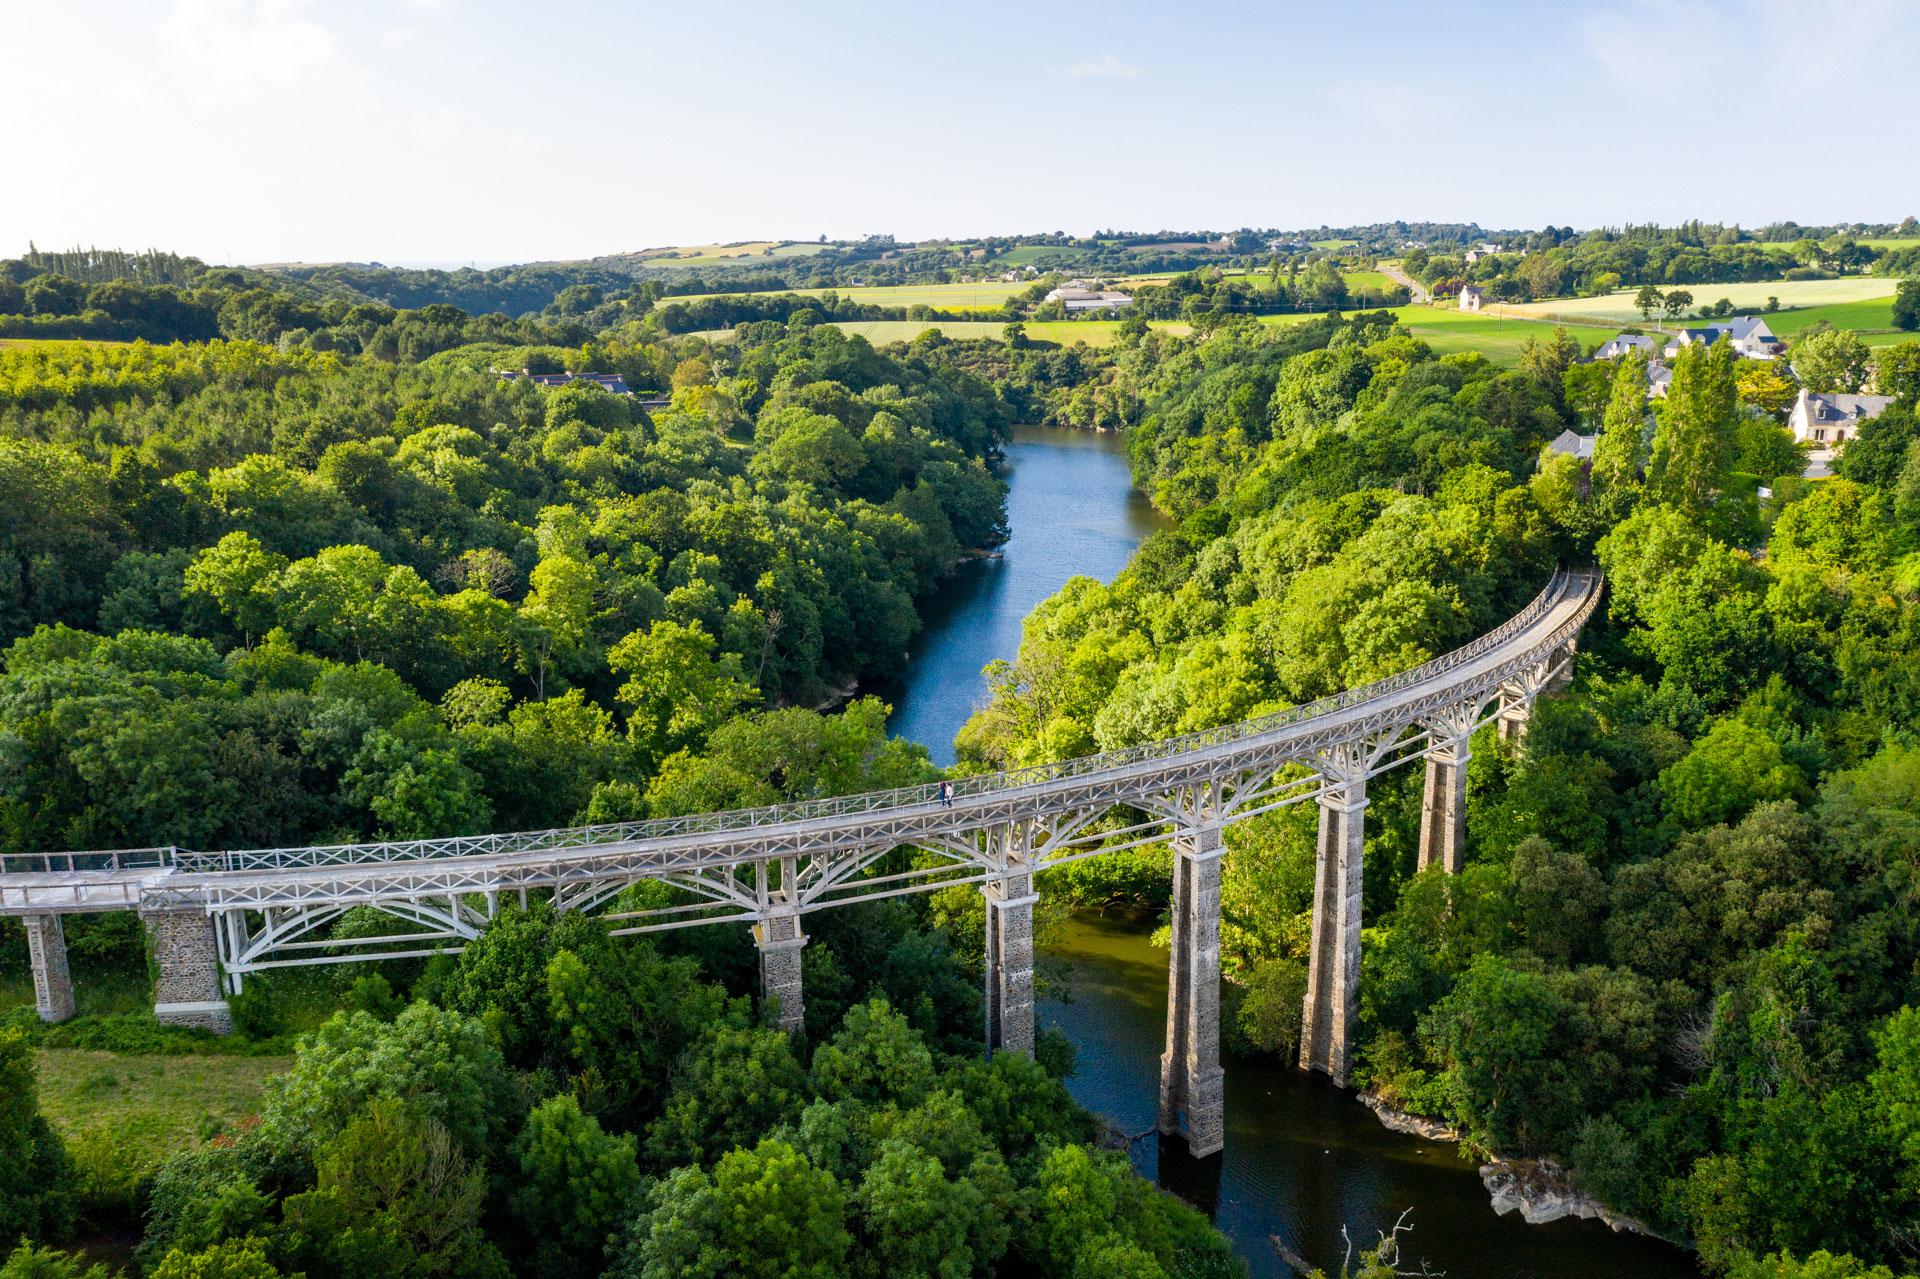 Viaduc des Ponts Neufs, Hillion